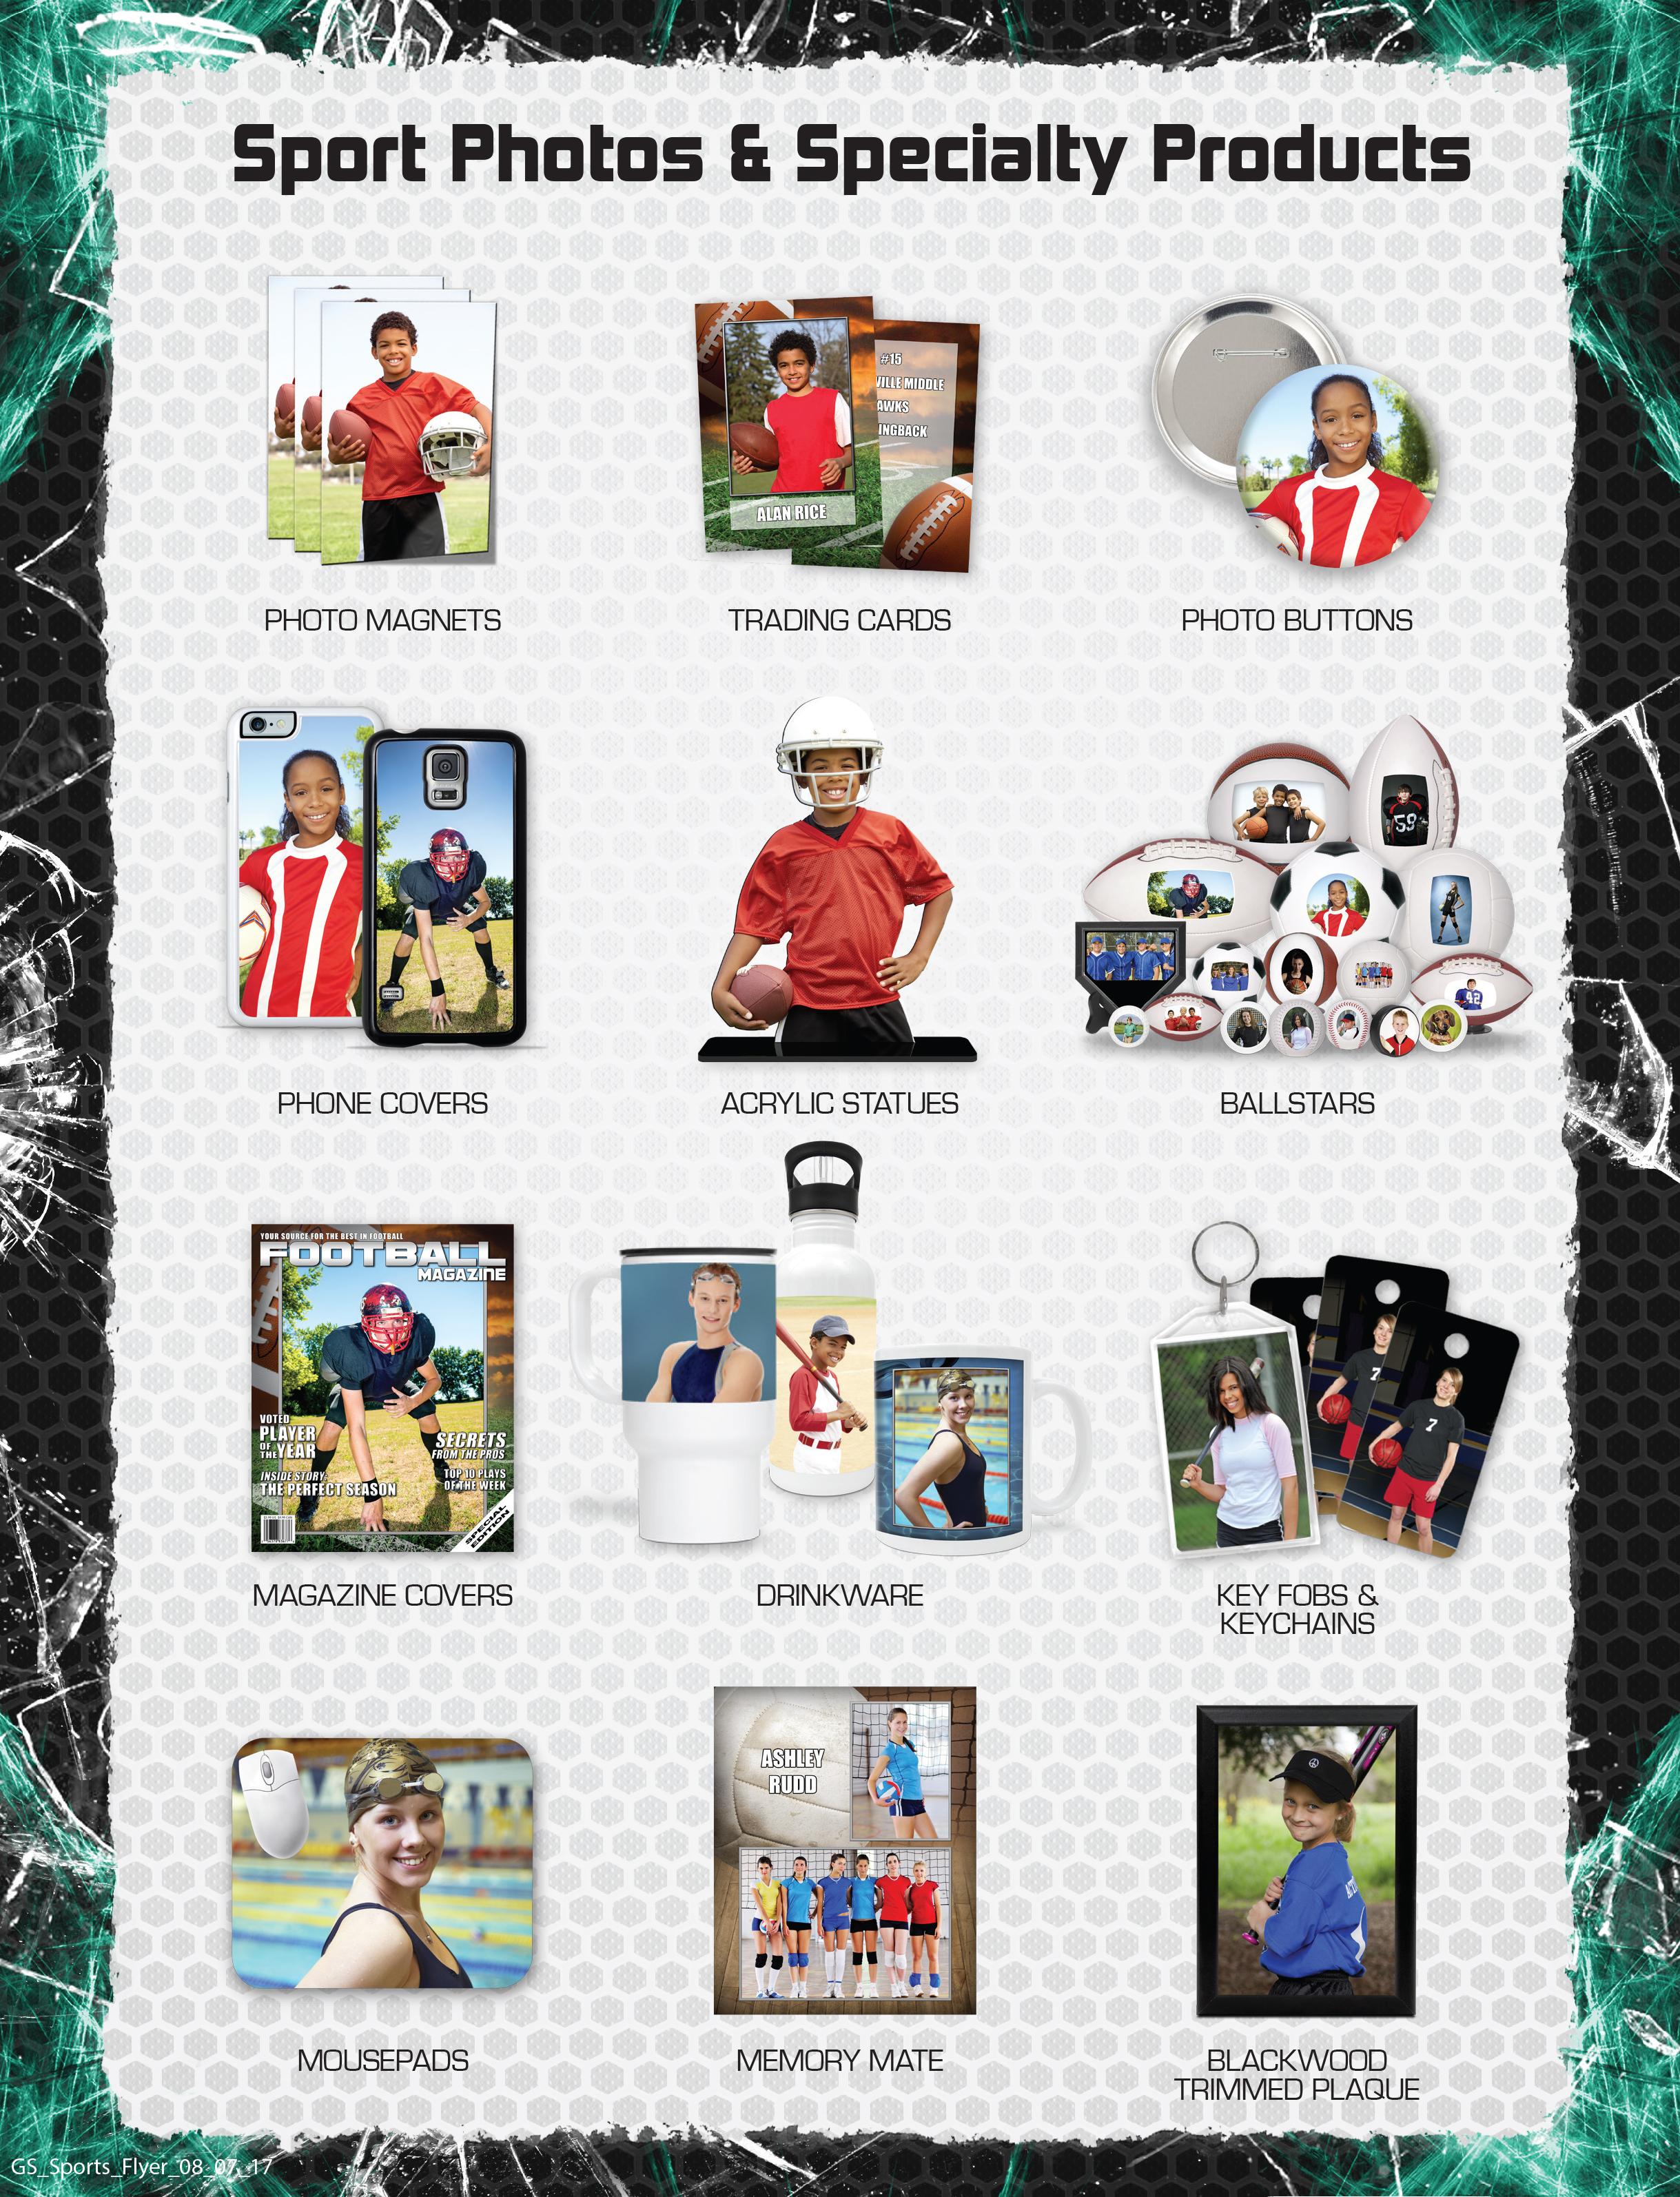 GS_Sports_Flyer_08_07_17_proof1.jpg